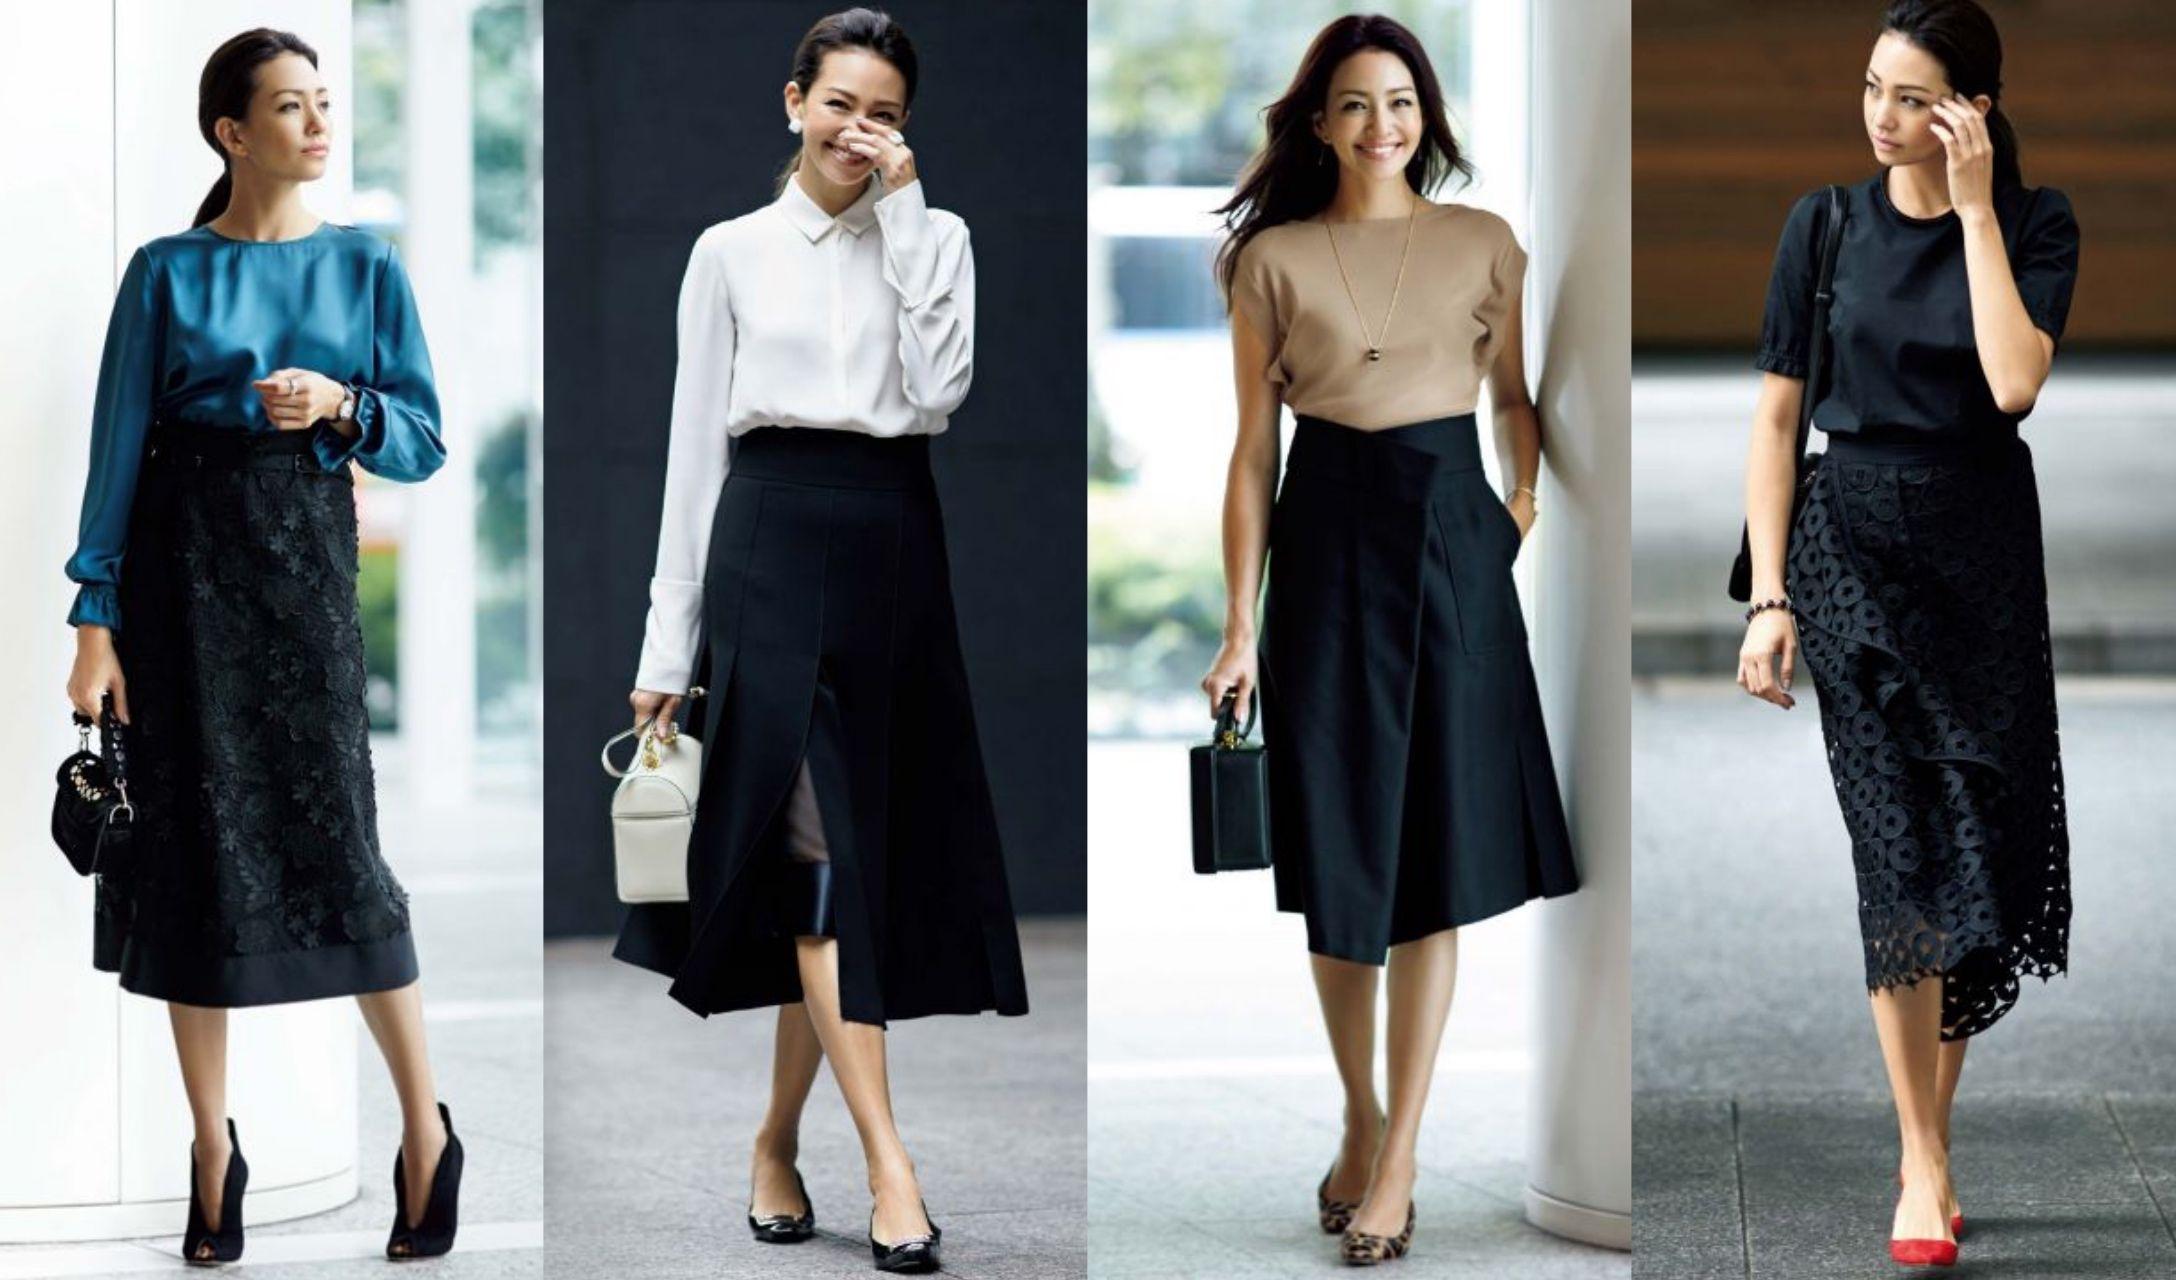 黒スカートに合わせるトップスは?40代女性の黒スカート着こなし集